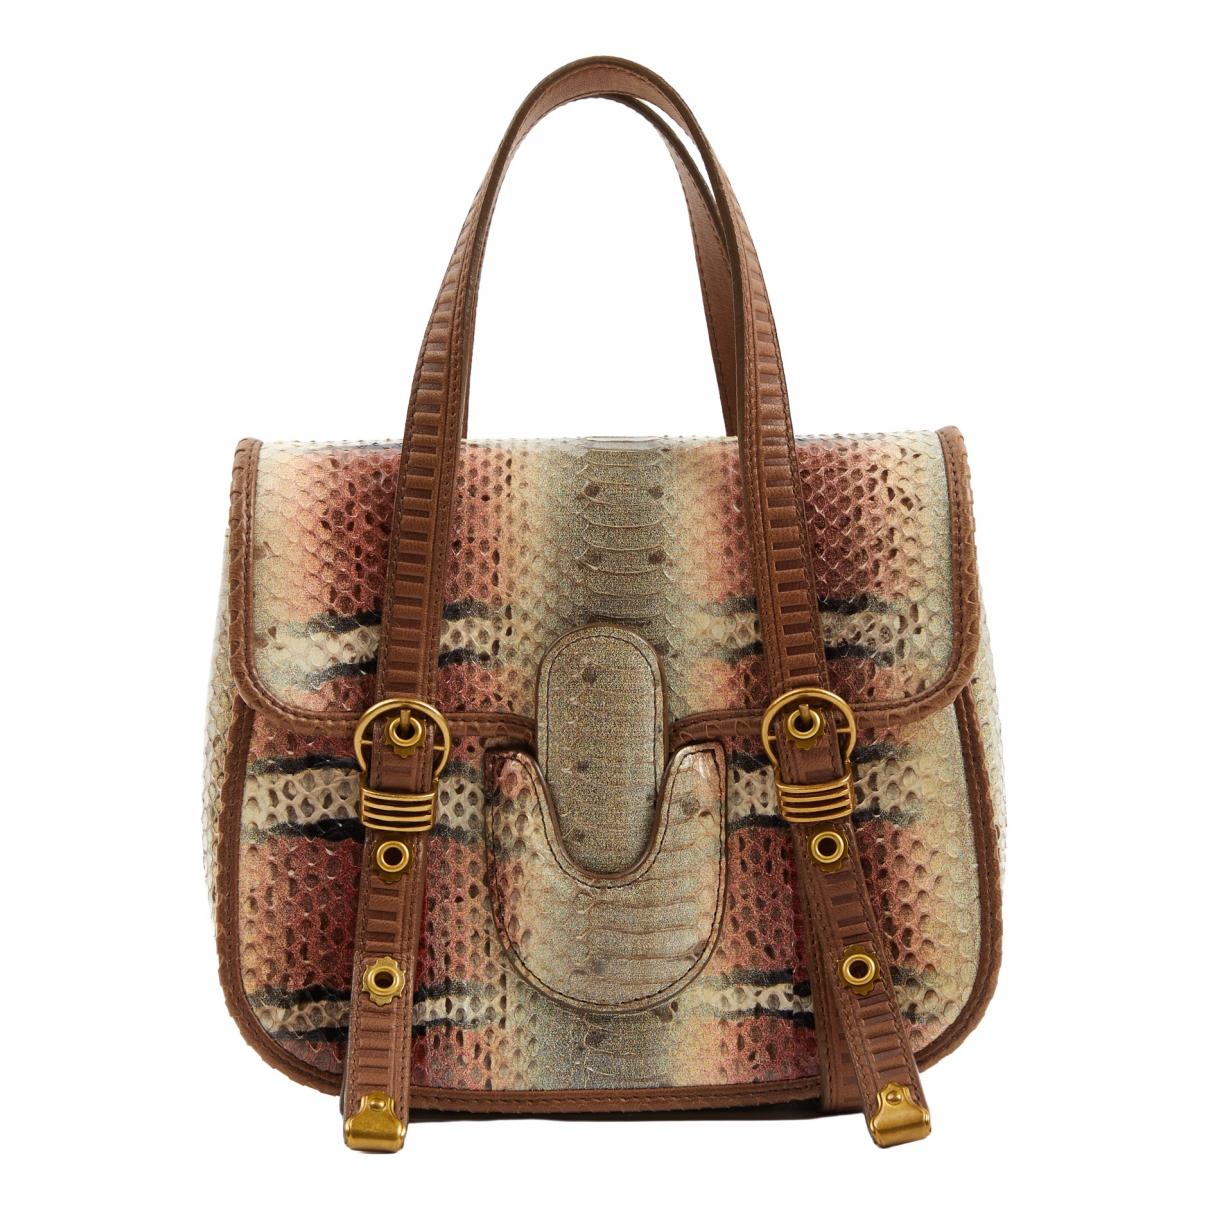 Bottega Veneta N Multicolour Python handbag for Women N